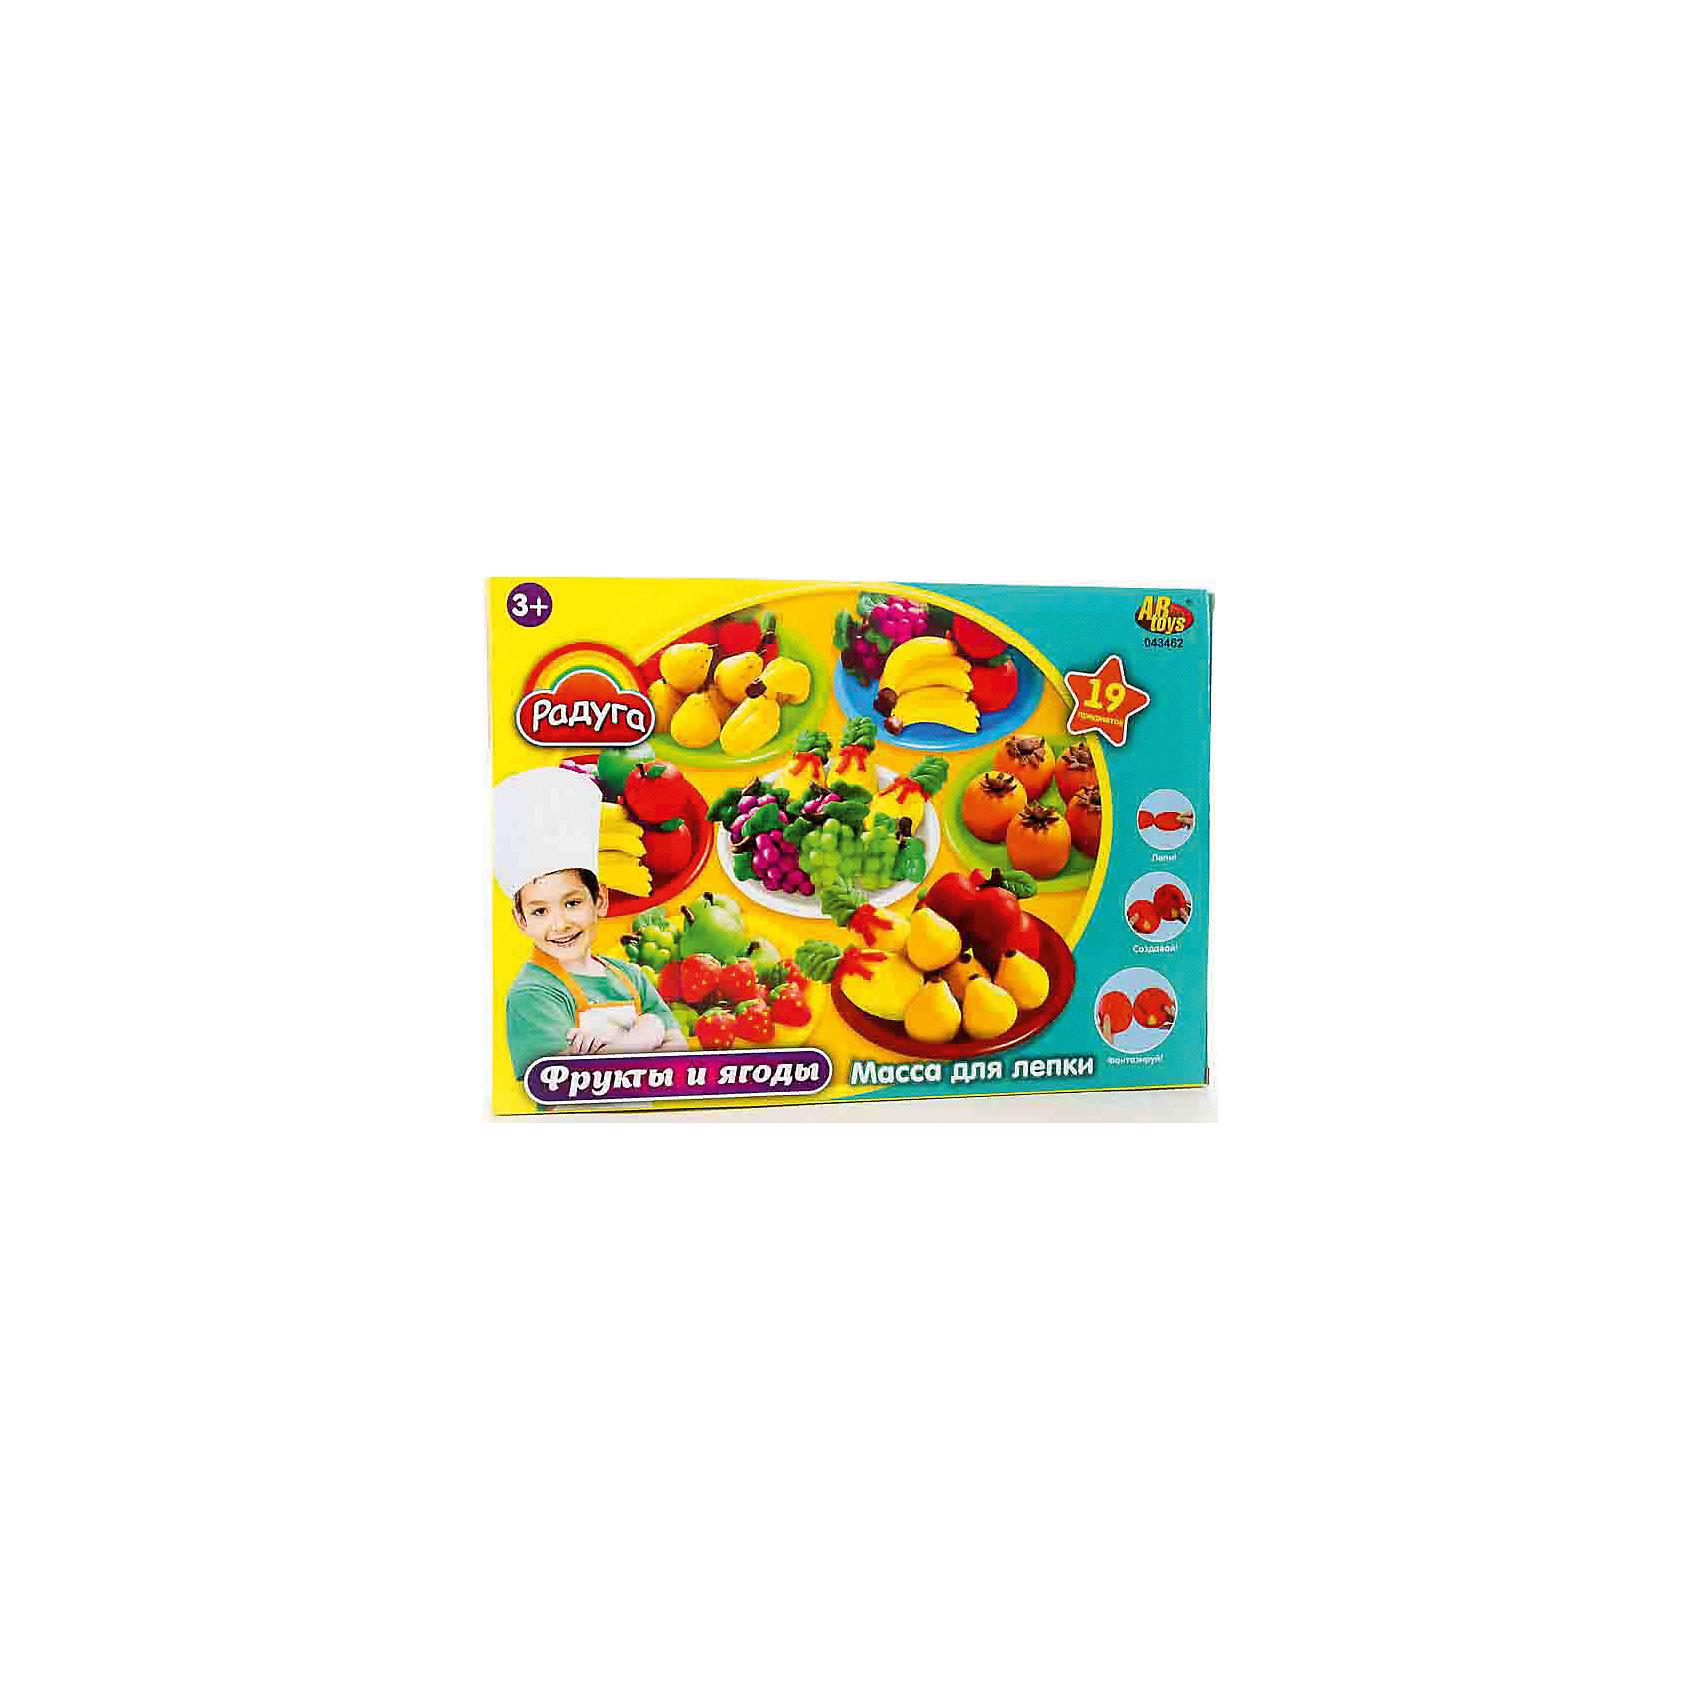 Набор Масса для лепки Фрукты и ягодыМасса для лепки Фрукты и ягоды (19 предметов), Радуга<br><br>Характеристика:<br><br>-В набор входит 19 предметов:<br>-6 баночек пластилина  разных цветов<br>-аксессуары <br>-Состав: пластилин, пластмасса <br>-Возраст: от 3 лет<br>-Производитель: MERX Limited<br><br>Пластилин поможет ребенку развить мелкую моторику рук, воображение и фантазию. Масса для лепки Радуга с легкостью будет принимать любую форму, благодаря мягкой текстуре. В комплект входит множество аксессуаров. Ребёнок сможет сам слепить различные фрукты.<br><br>Массу для лепки Фрукты и ягоды (19 предметов), Радуга можно приобрести в нашем интернет-магазине.<br><br>Ширина мм: 370<br>Глубина мм: 265<br>Высота мм: 70<br>Вес г: 889<br>Возраст от месяцев: 36<br>Возраст до месяцев: 144<br>Пол: Унисекс<br>Возраст: Детский<br>SKU: 5078254